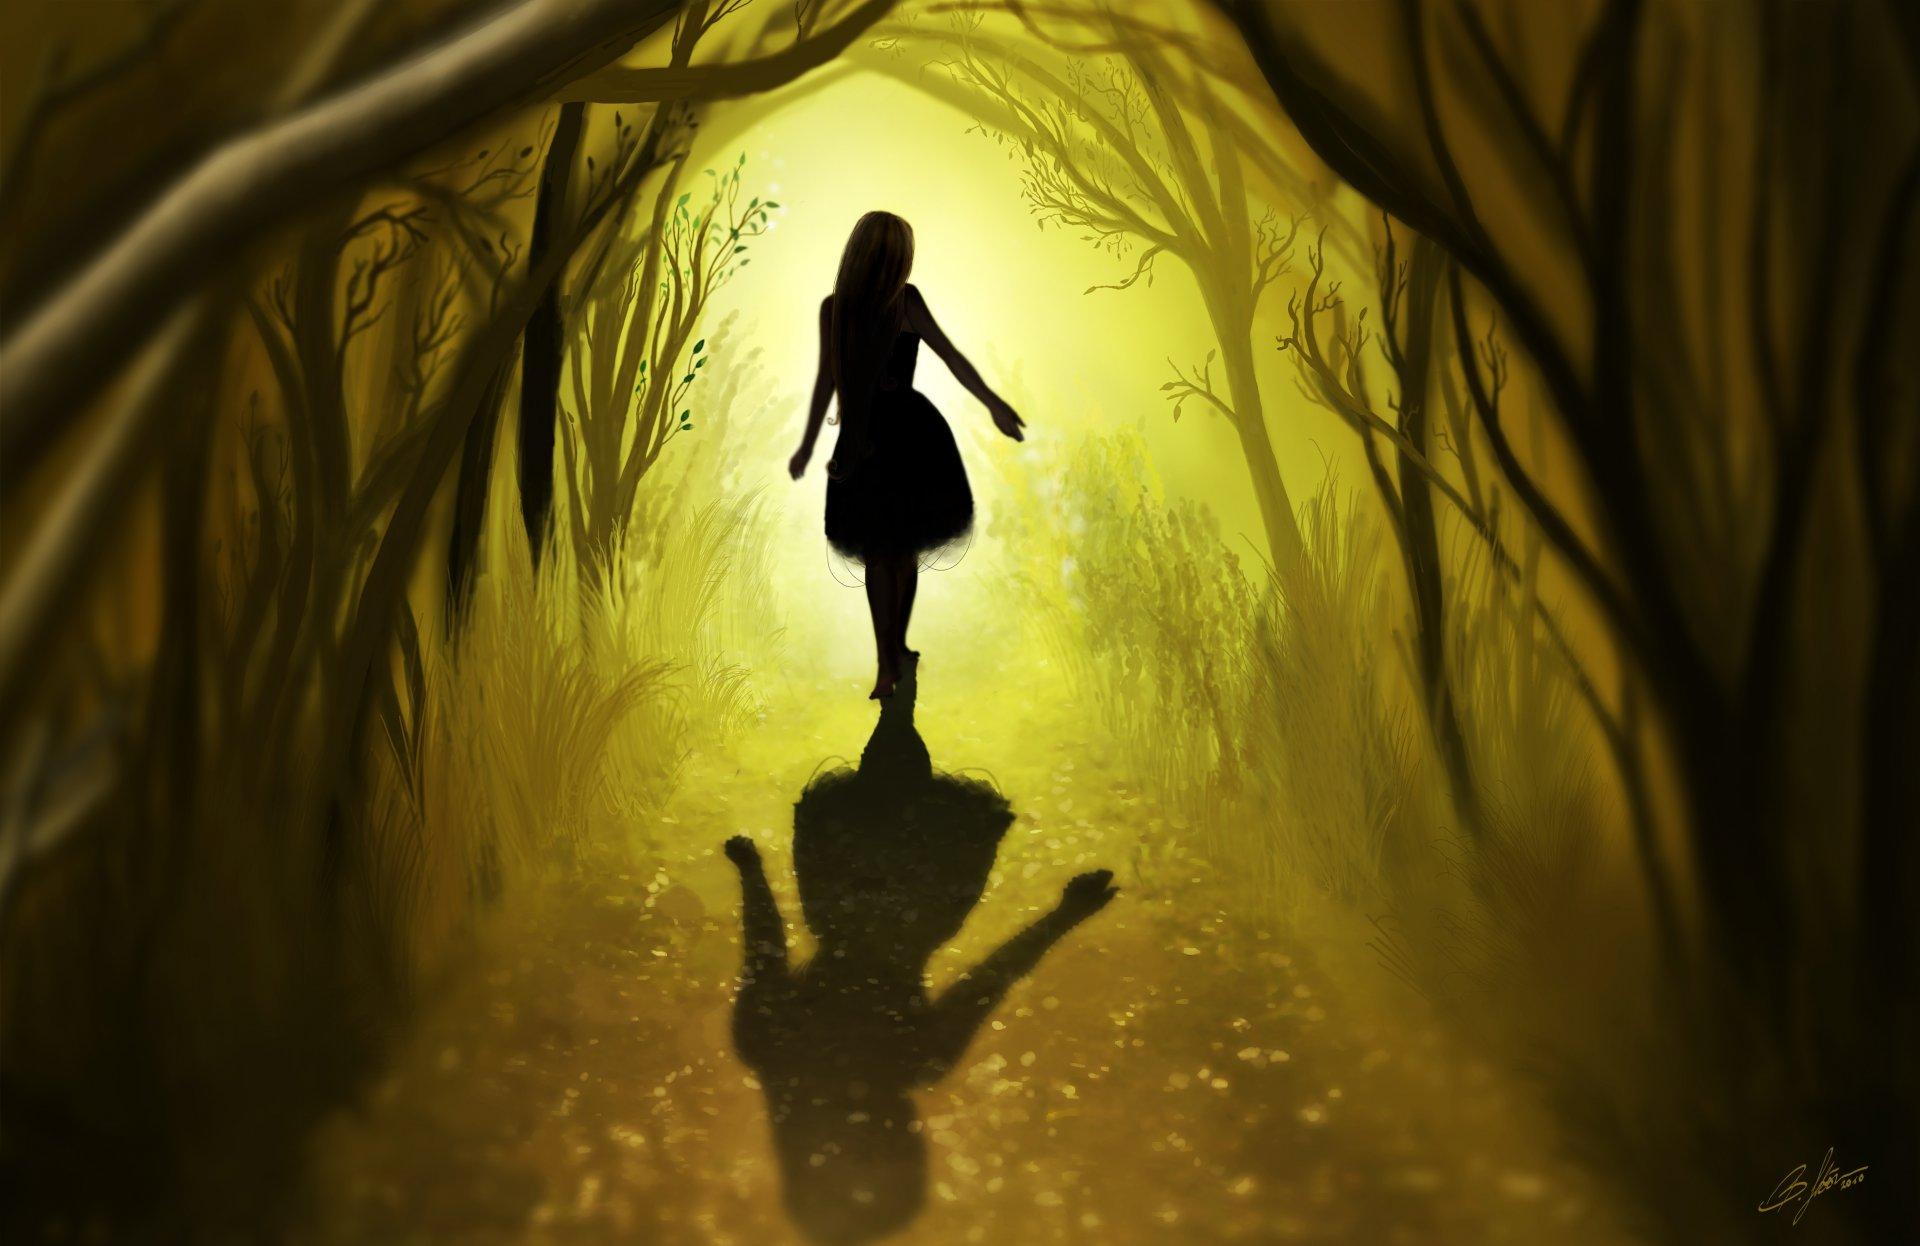 картинка свет и тень жизни начинающие хозяйки знают